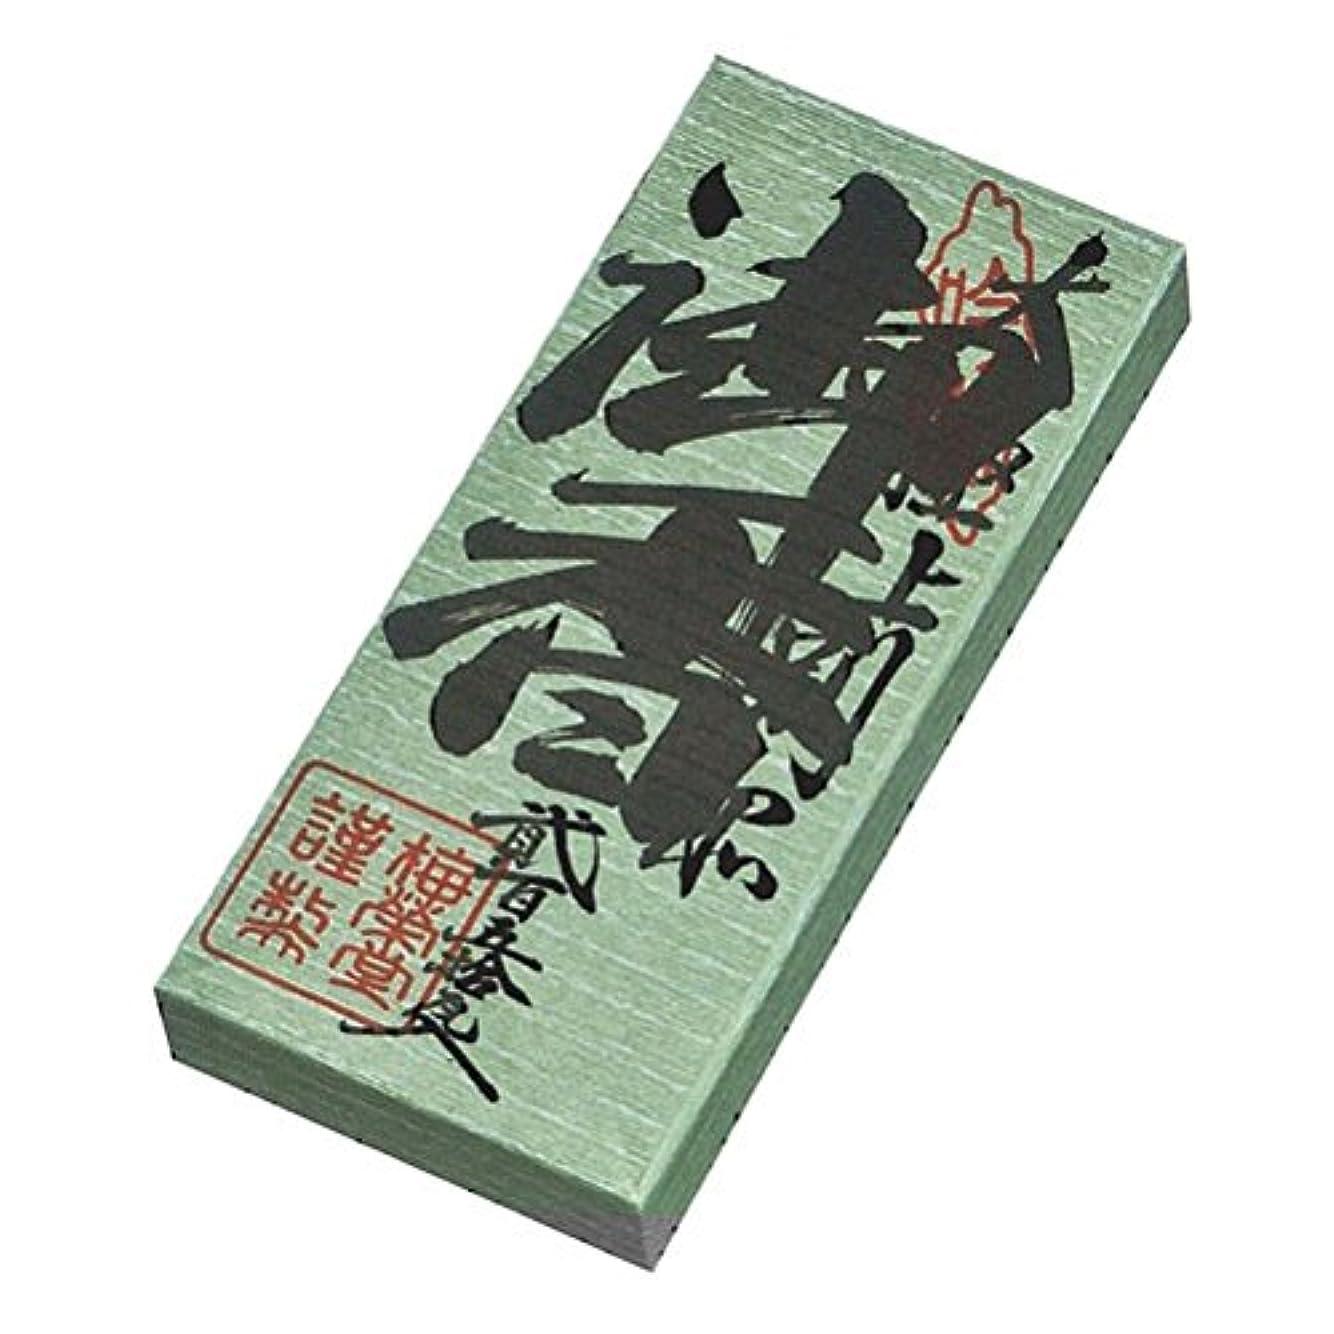 ボットおしゃれな収穫超徳印 250g 紙箱入り お焼香 梅栄堂